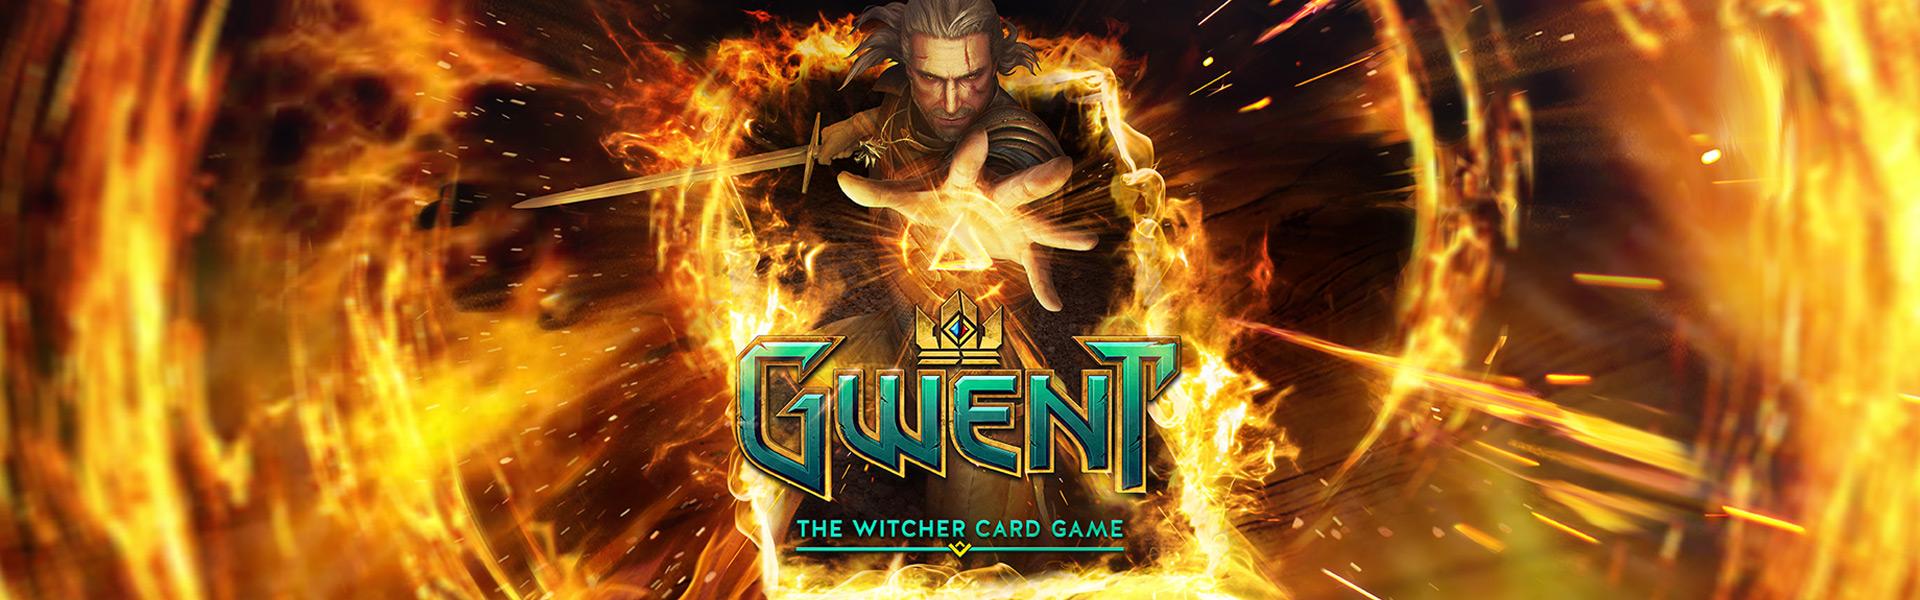 Geralt using a fire spell